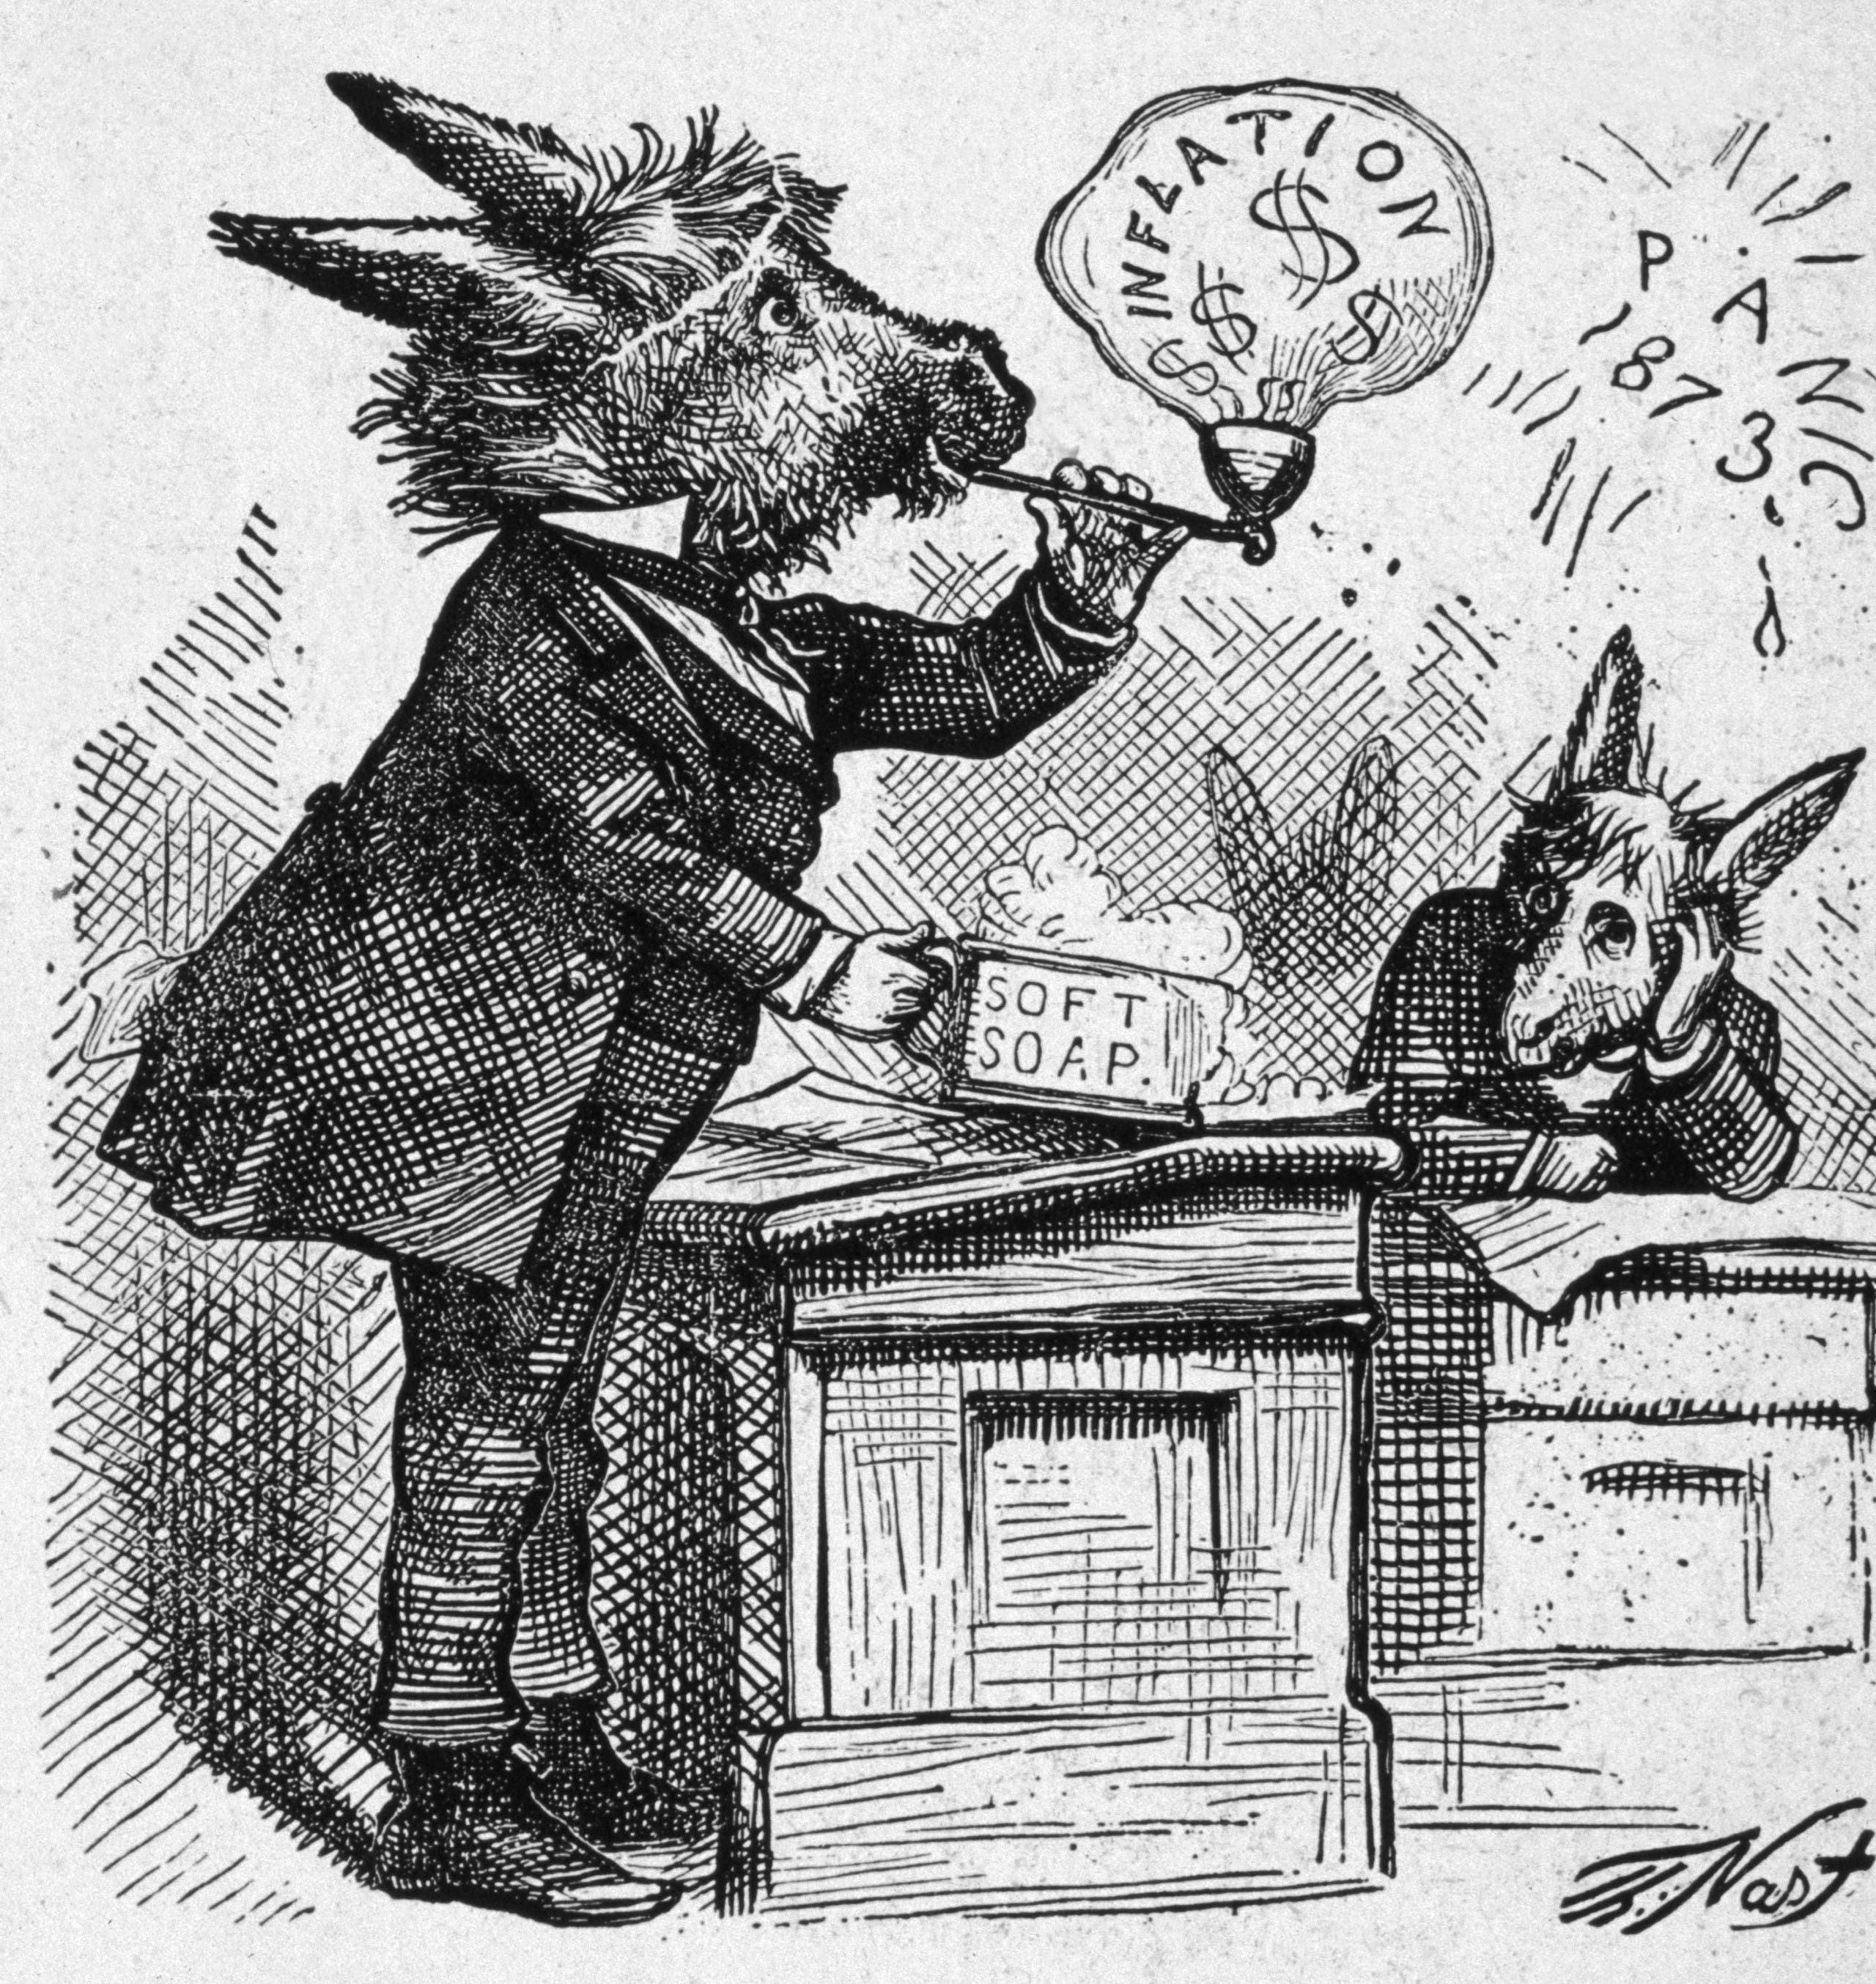 كاريكاتير يجسد السياسة الاقتصادية الفاشلة للديمقراطيين